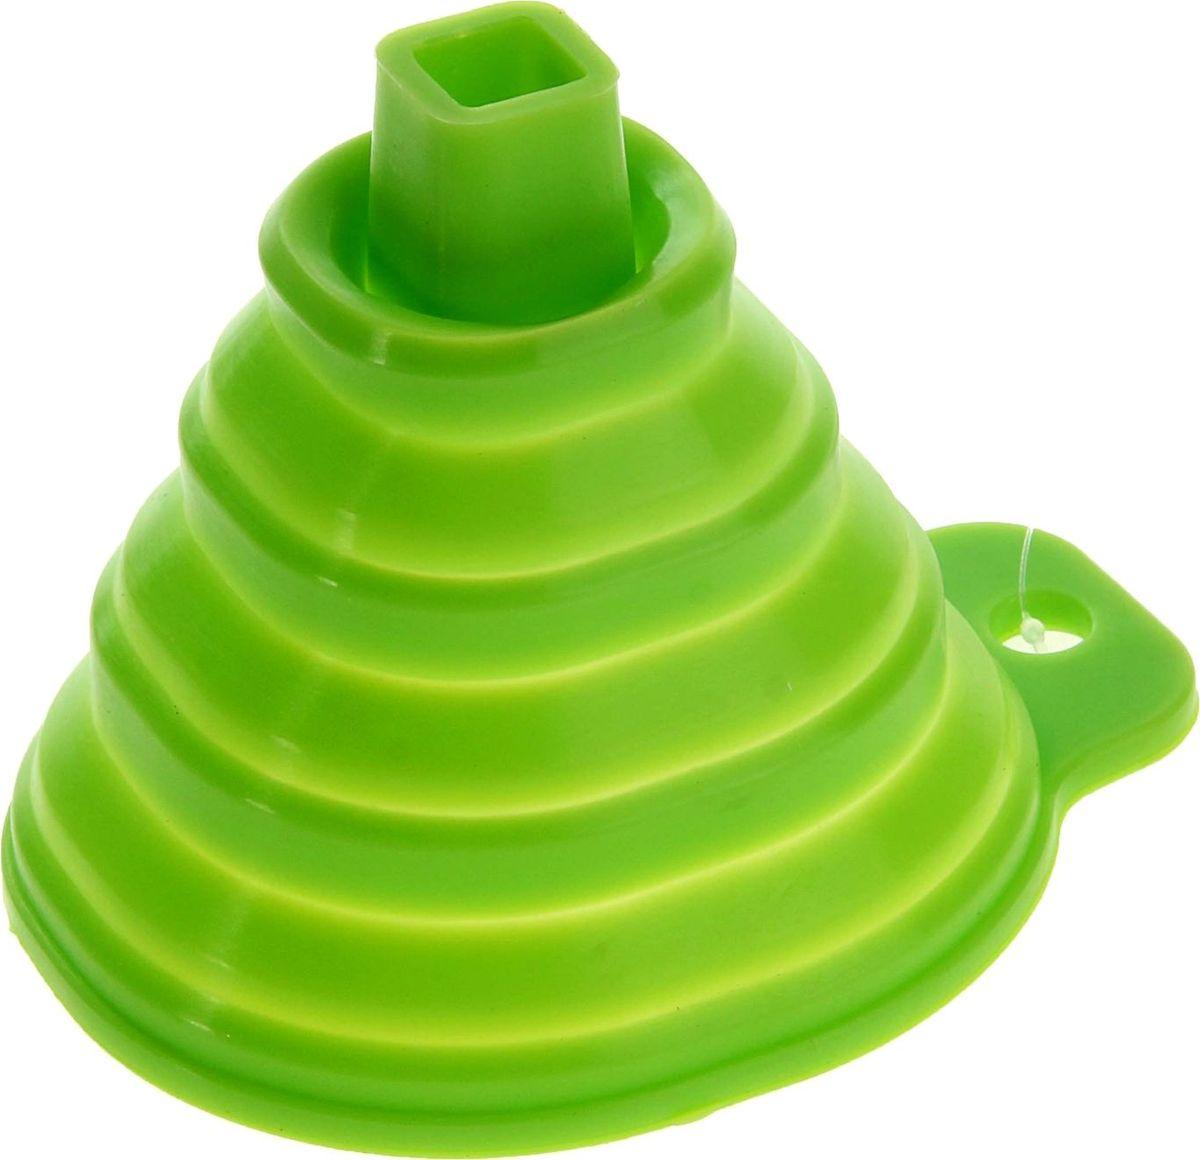 Воронка Доляна Квадро, складная, цвет: салатовый, 7 х 9 см811938Складная воронка Доляна Квадро понадобится любой хозяйке. Выполнена из силикона. Материал позволяет варьировать размер слива в зависимости от диаметра горловины и условий хранения. Она проста в использовании.Размеры: 7 х 7 х 9 см.